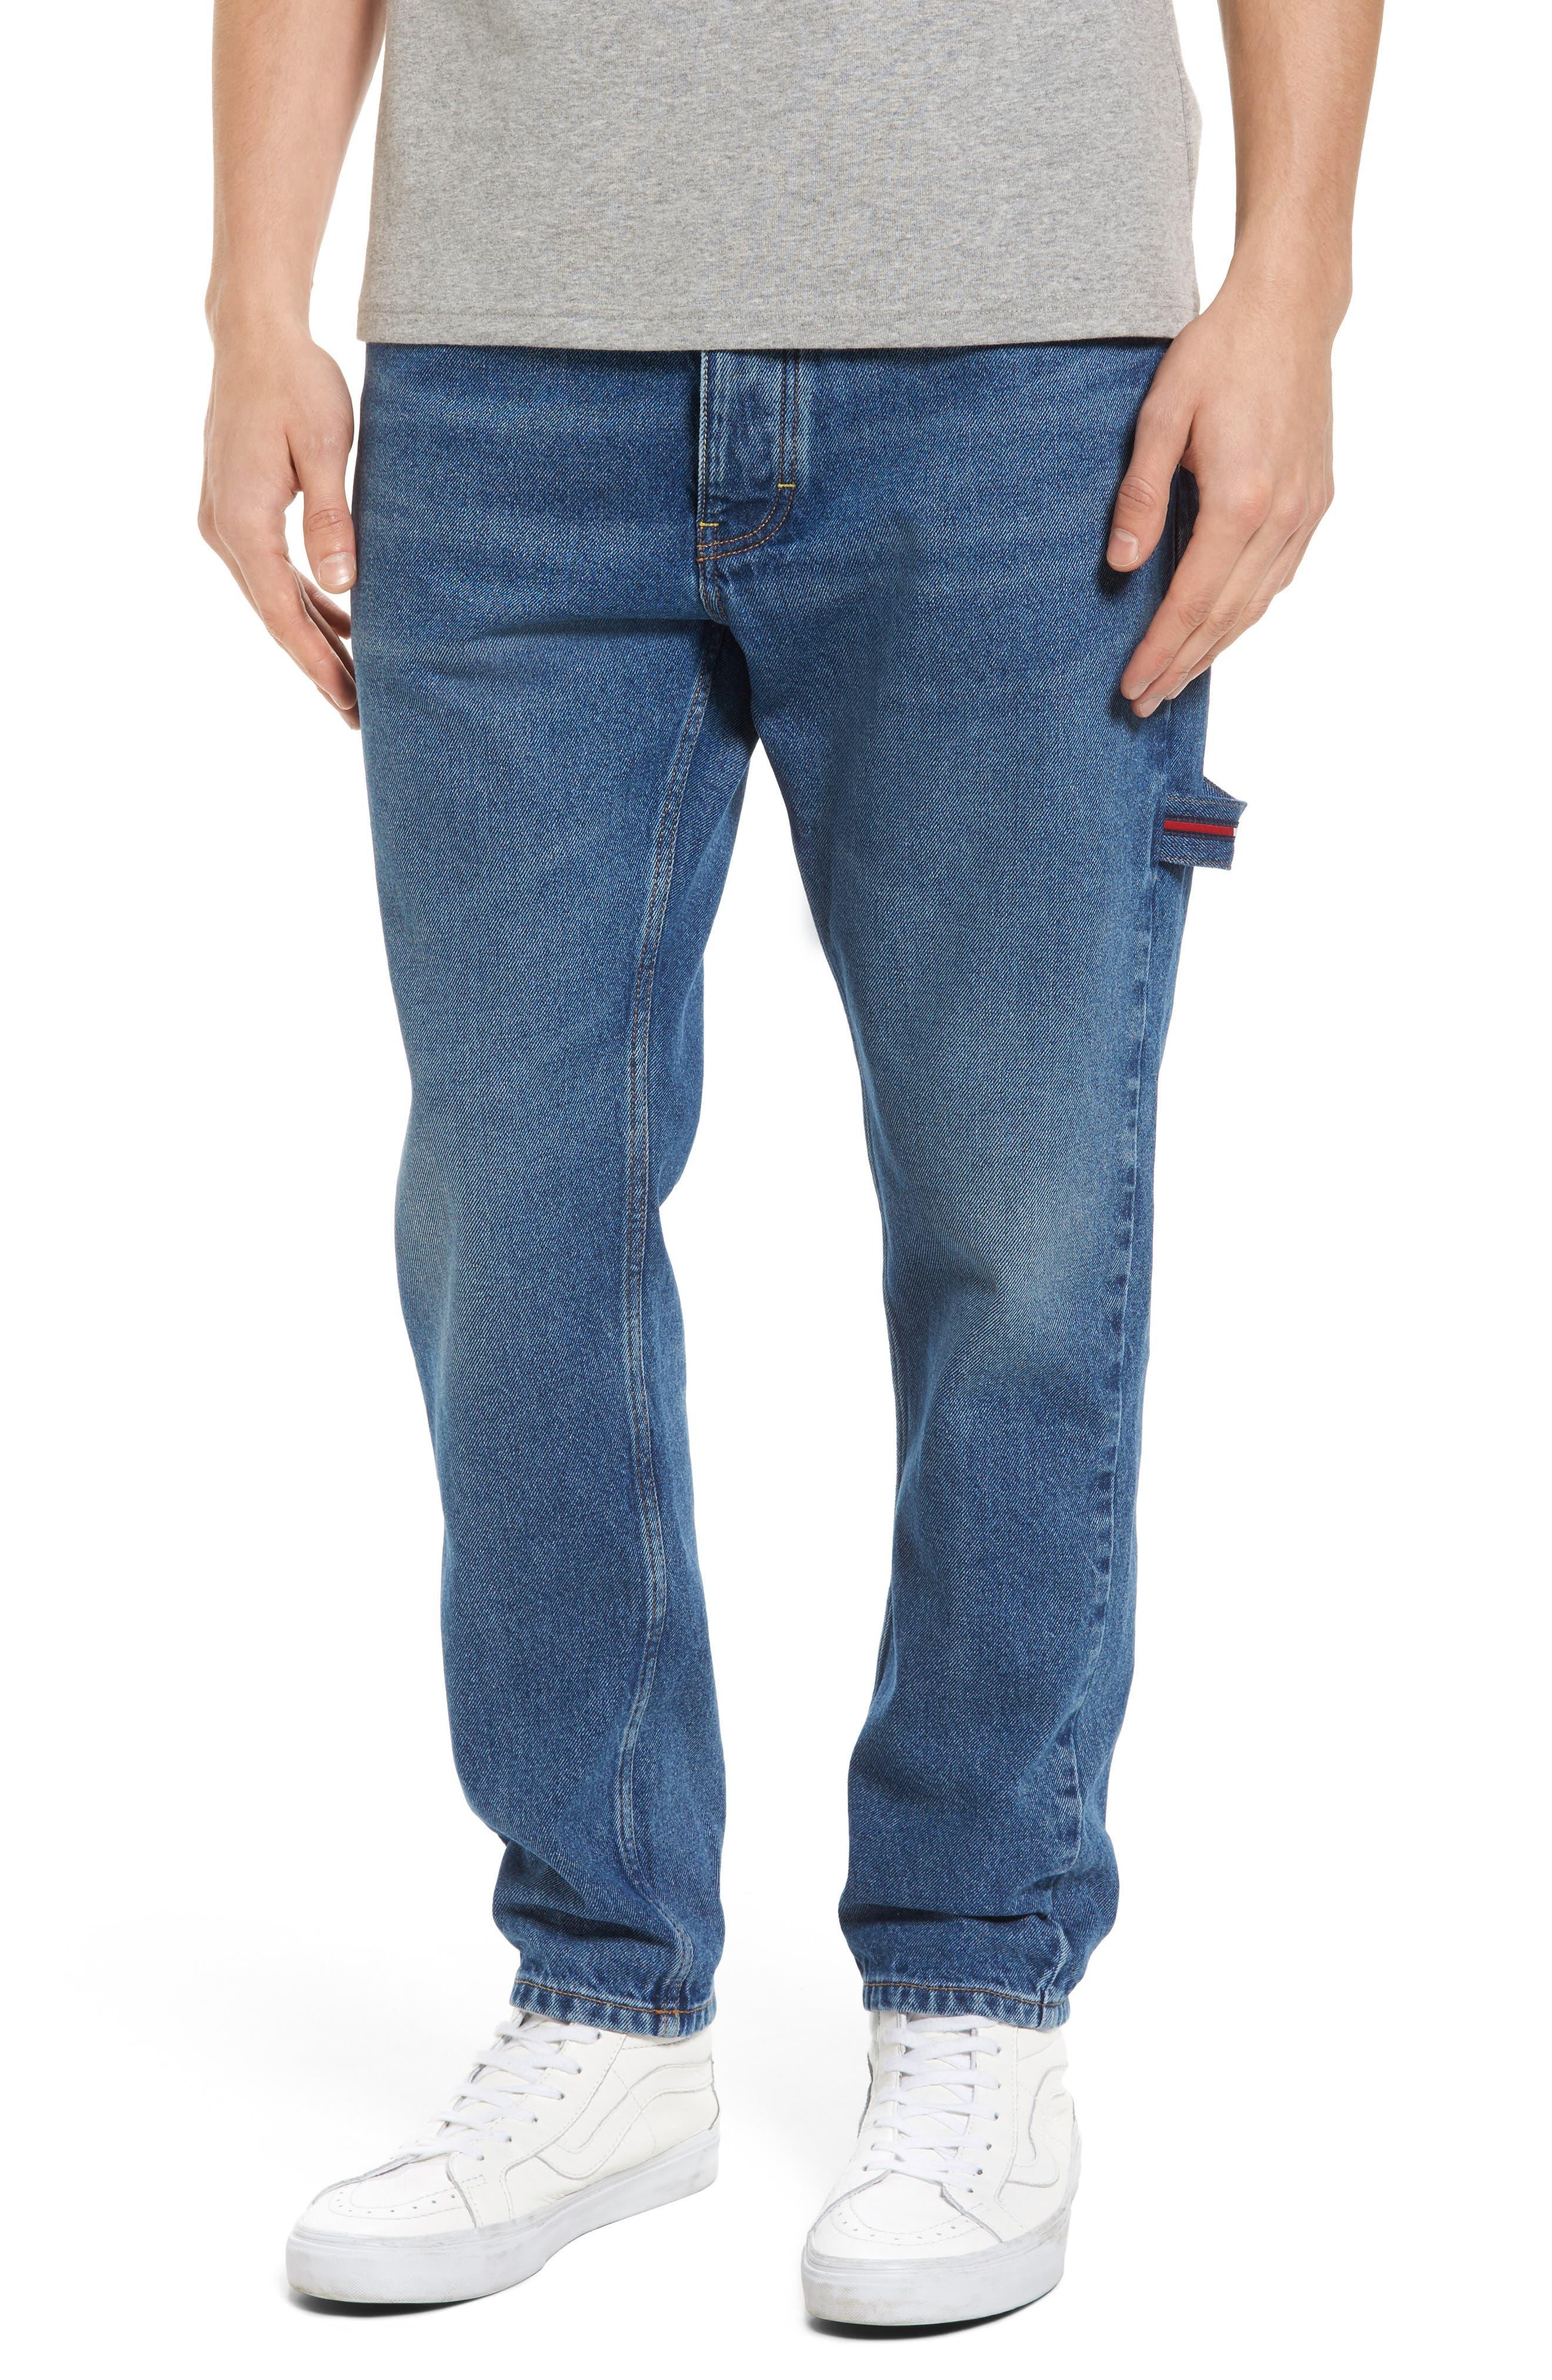 TOMMY HILFIGER Slim Fit Carpenter Jeans